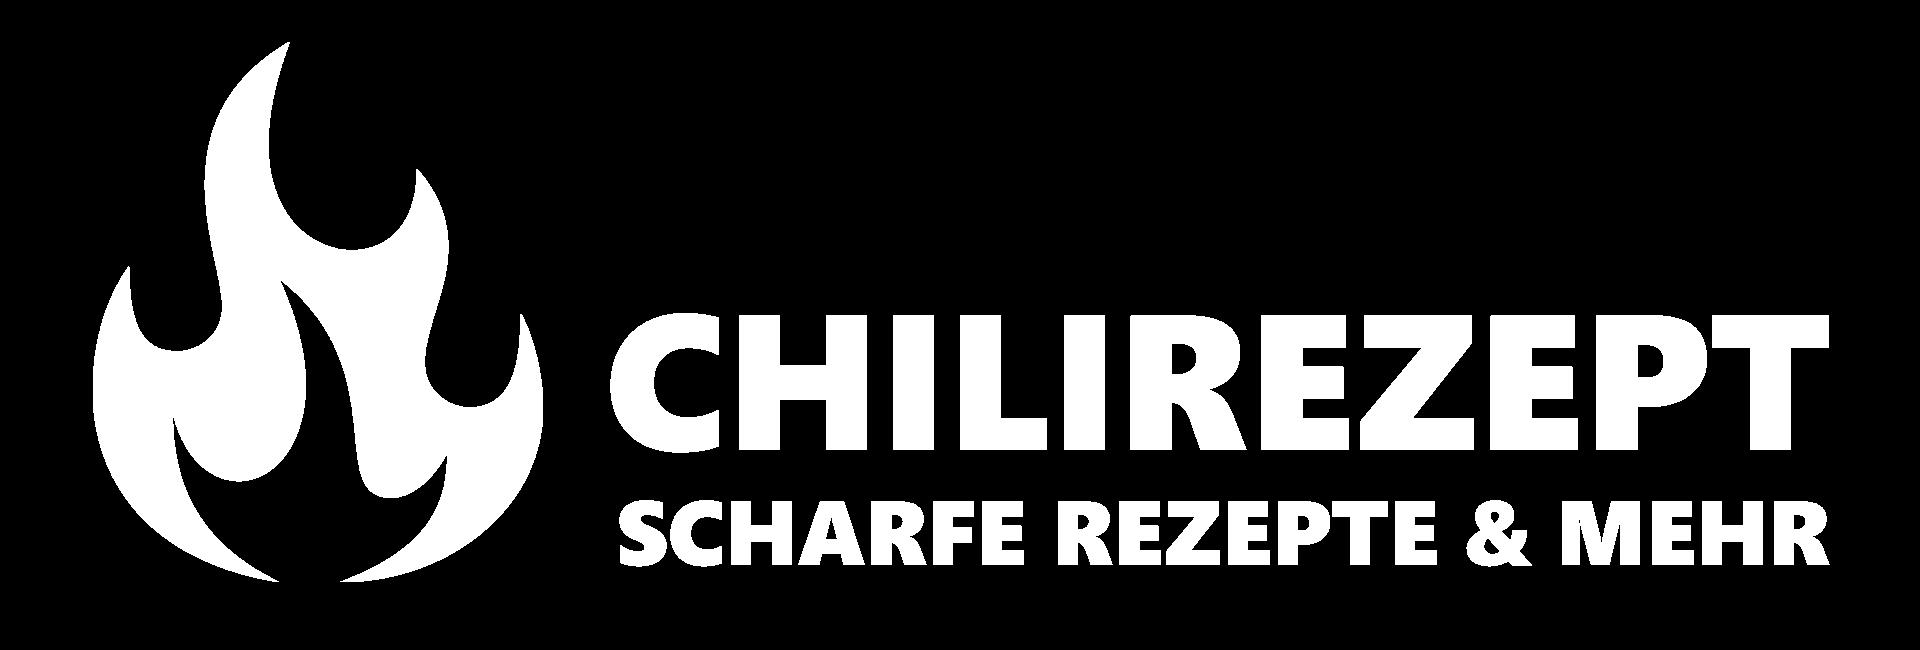 chilirezept.de